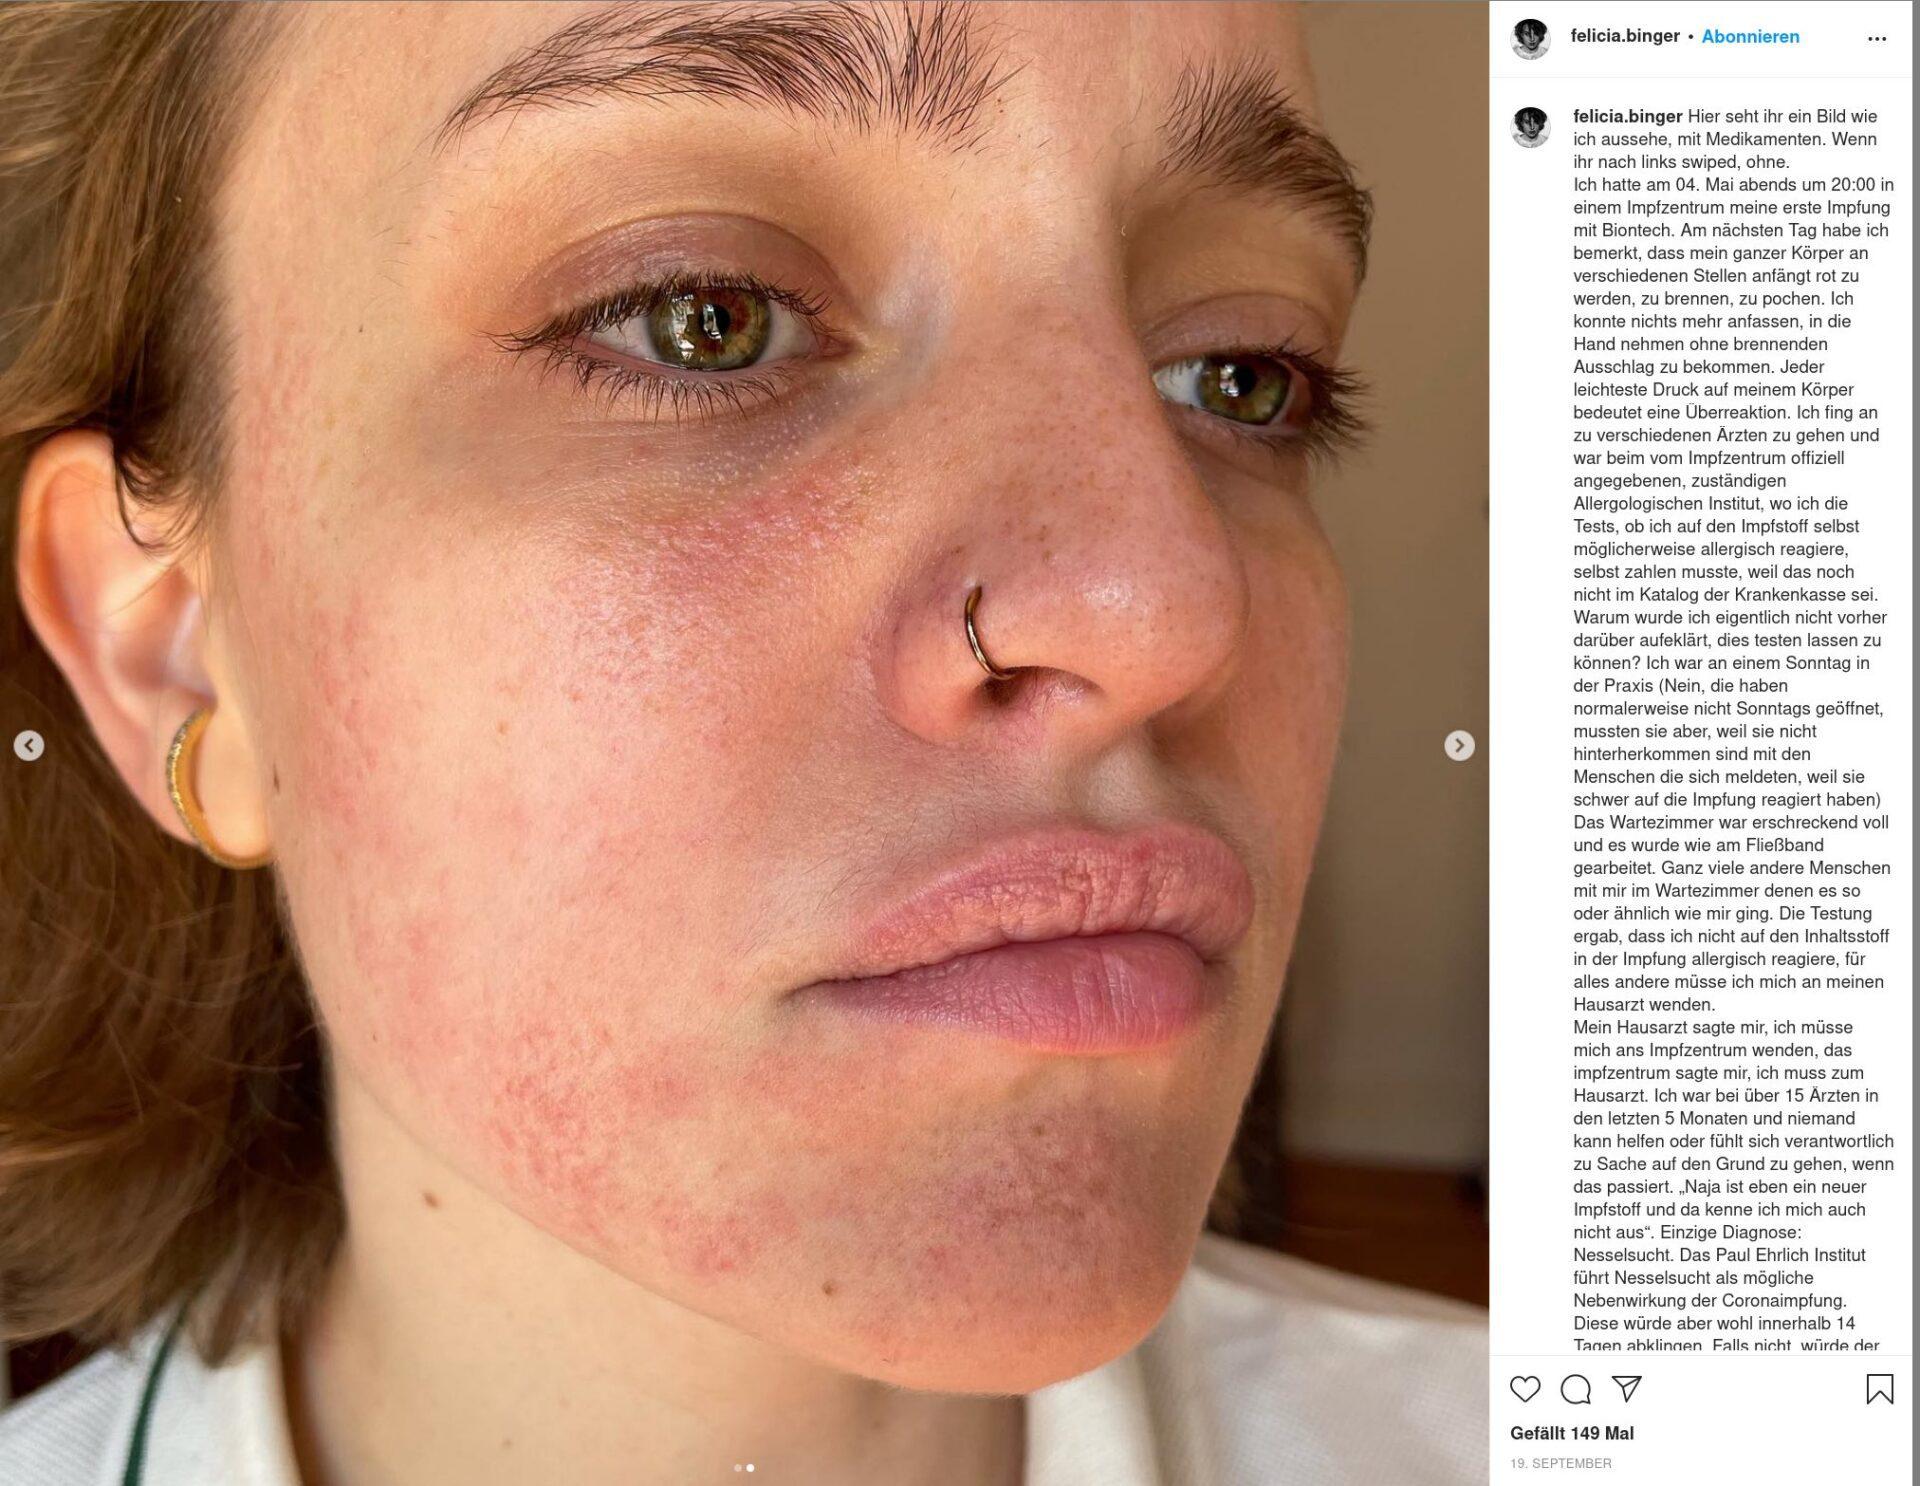 felicia-binger-28-jahre-alt-hat-sich-mit-biontech-impfen-lassen-–-nun-hat-sie-eine-impfreaktion